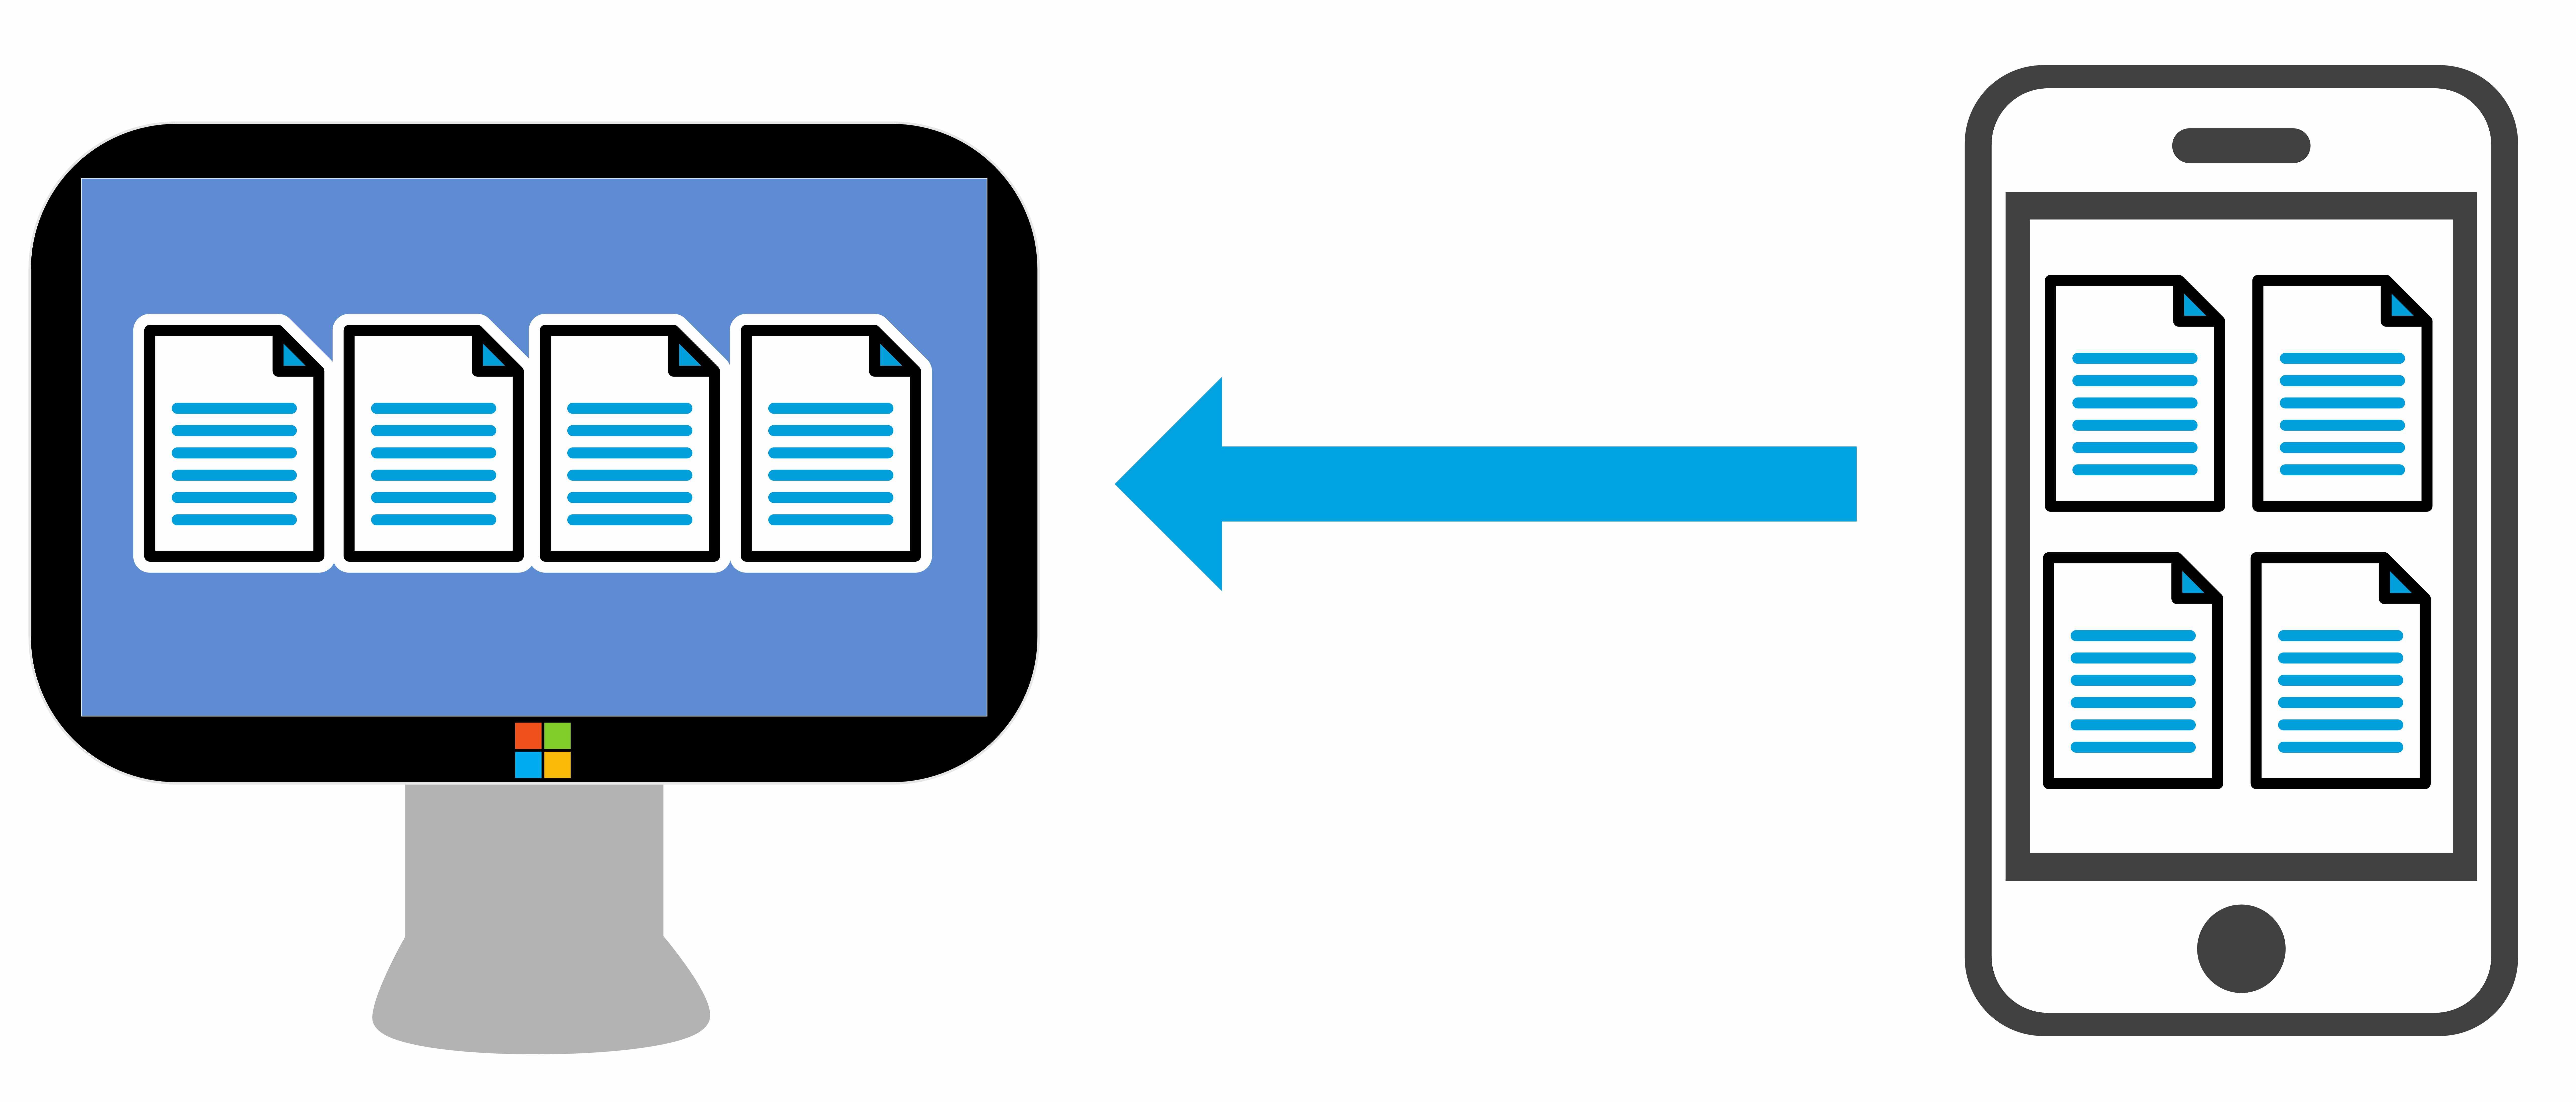 Erfahren Sie Schritt für Schritt, wie Sie Dateien von Ihrem iPhone auf Ihren PC übertragen können. Hierfür benötigen Sie nur Ihr iPhone, Ihren PC sowie die kostenfreie App